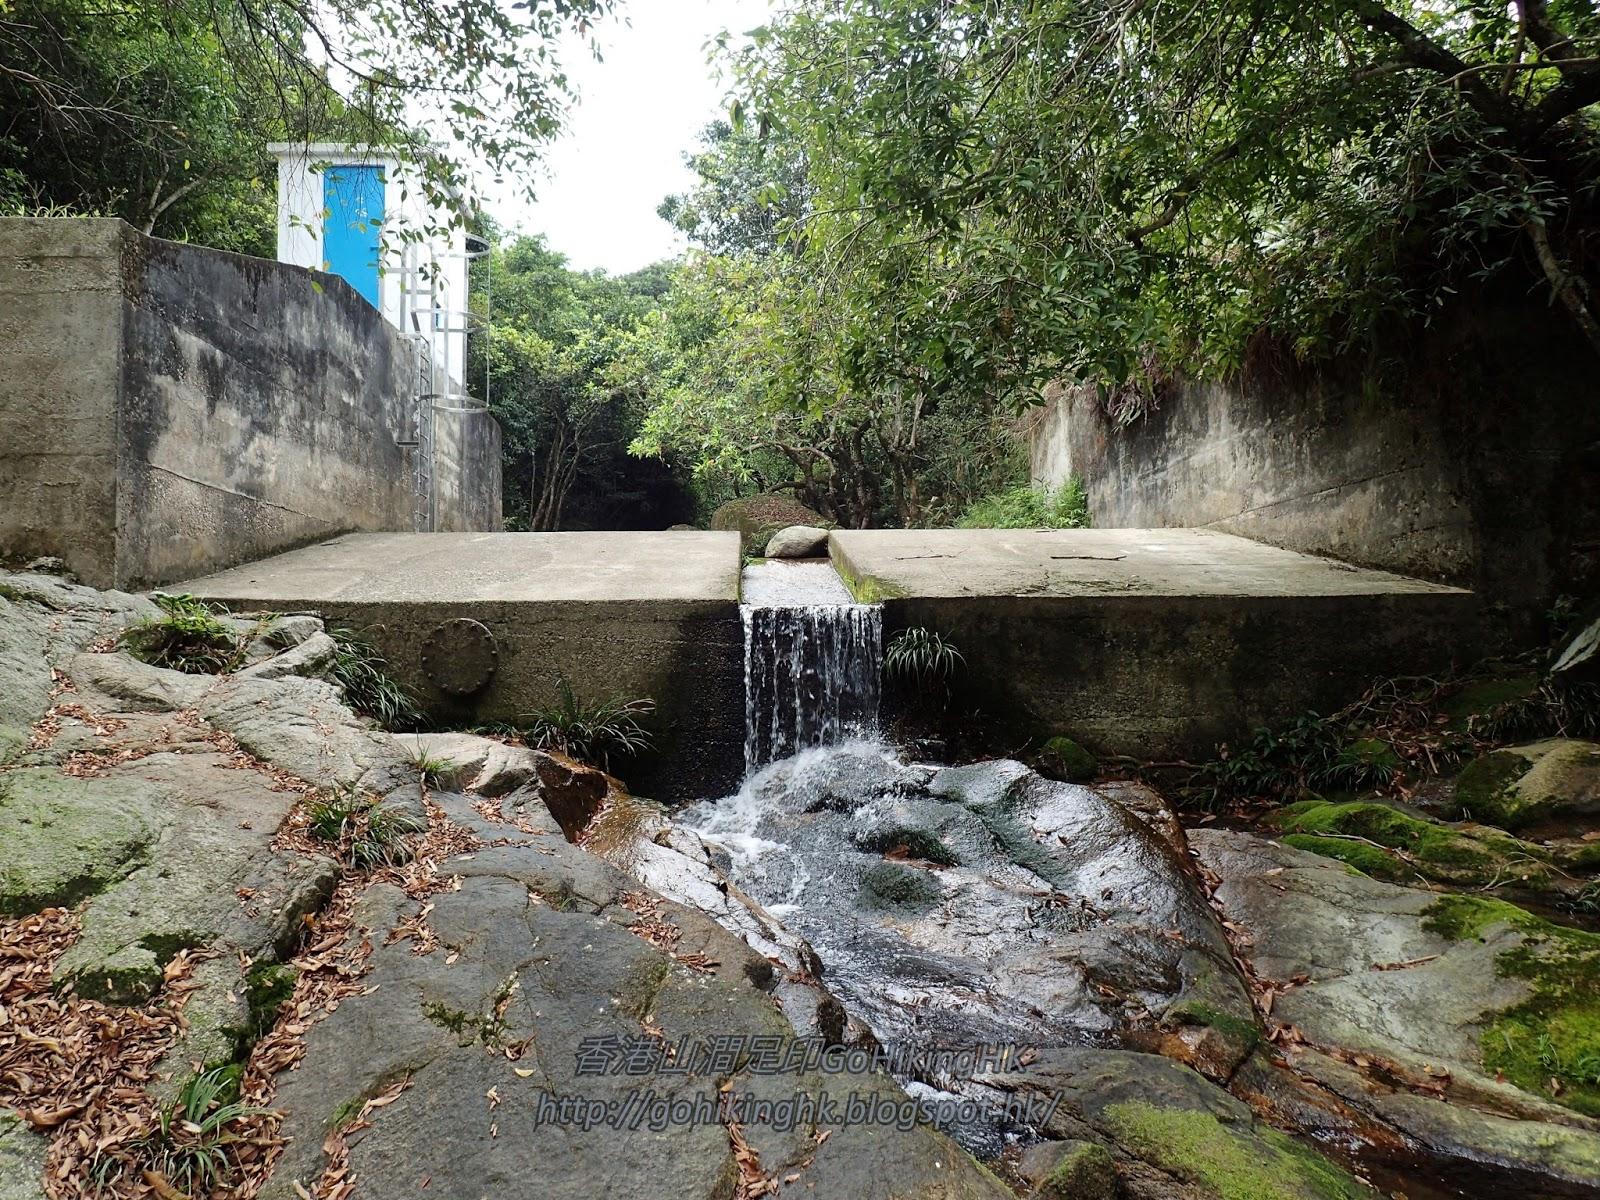 香港山澗足印 GoHikingHK: 馬麗口坑左源